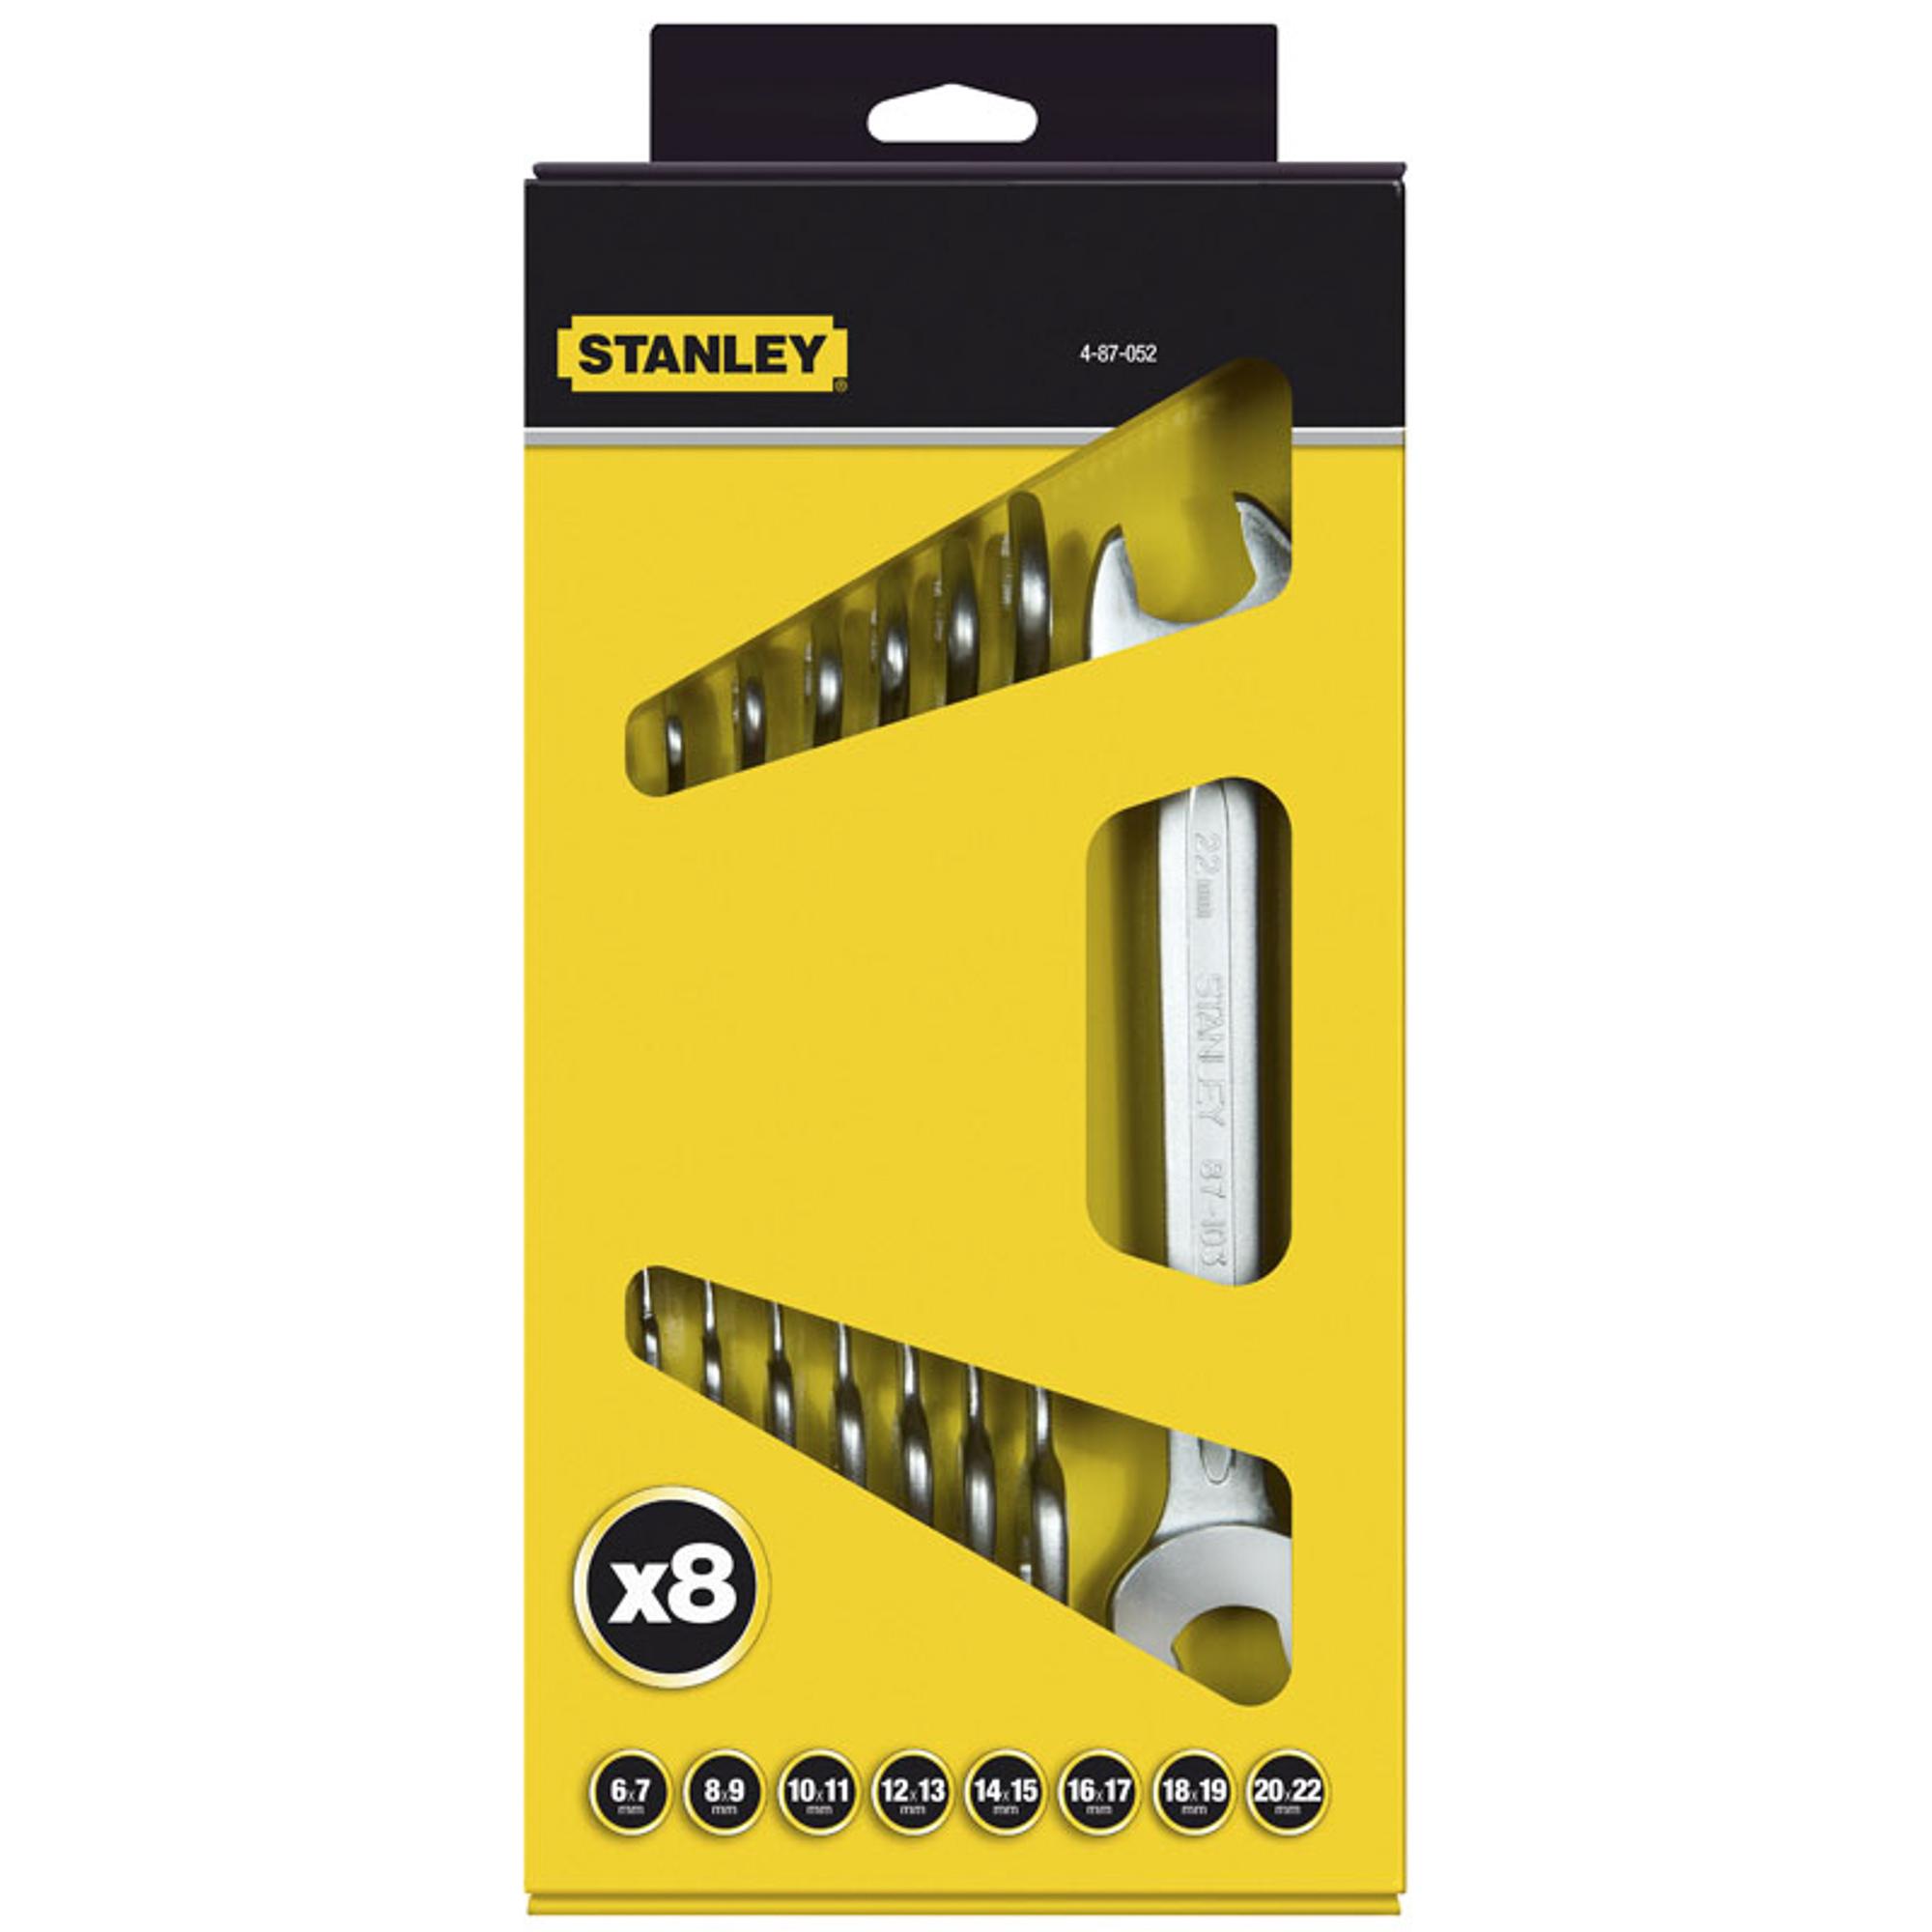 Фото - Набор рожковых гаечных ключей STANLEY MaxiDrive Plus 8 шт набор ключей гаечных рожковых углеродистая сталь 12 предметов